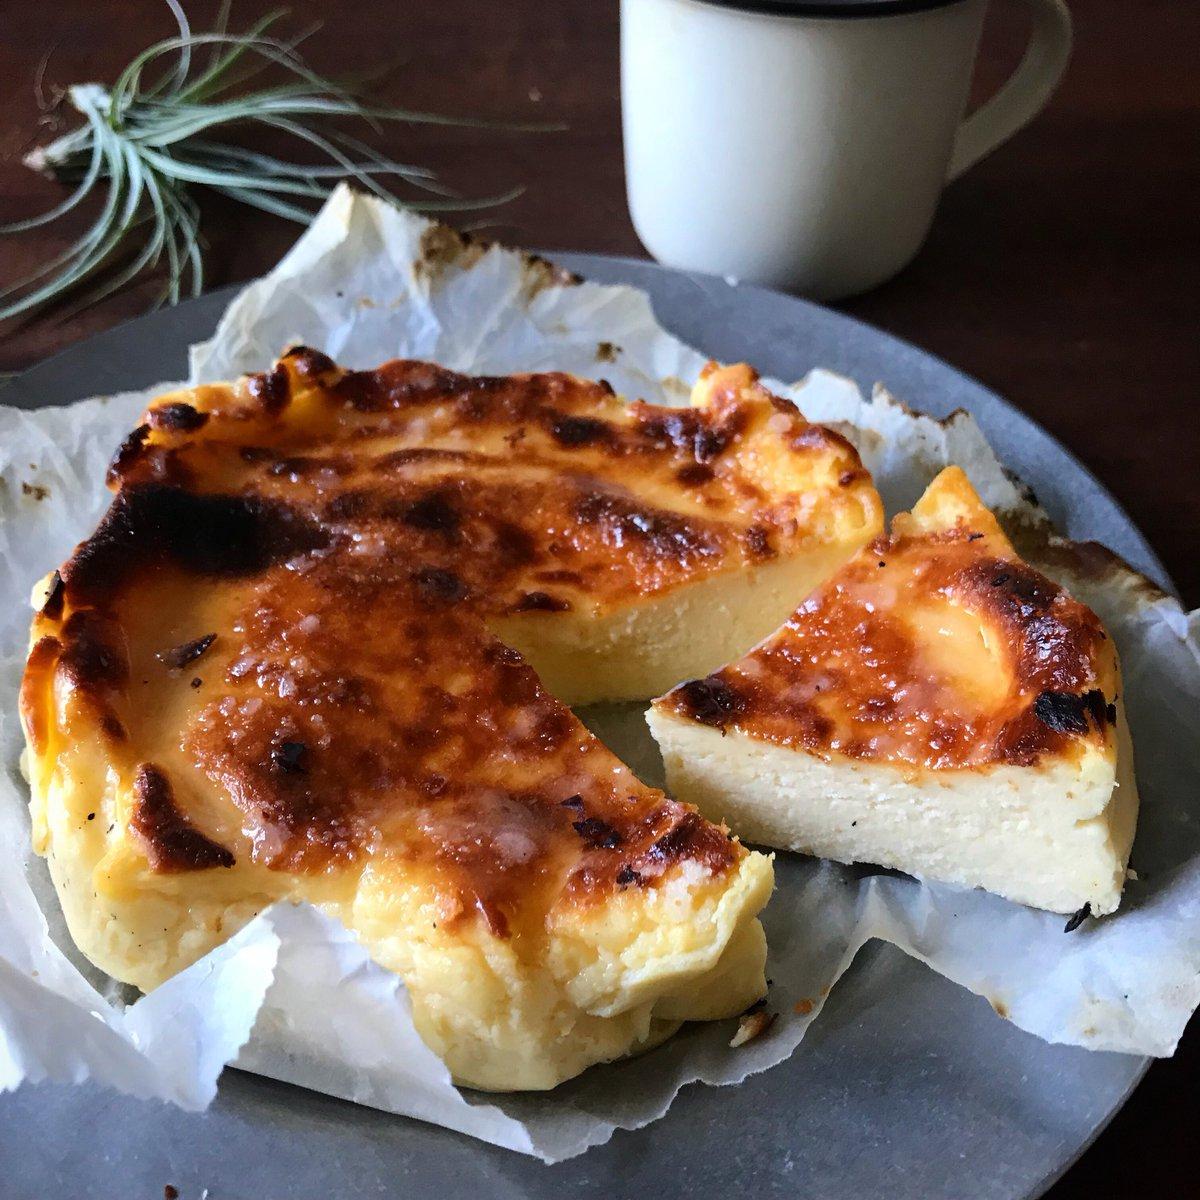 やっとできた…最高の自信作  チーズケーキ好きの方に伝わったら嬉しいです!  ・材料5つ ・オーブン不要 ・量り、専用の型不要  でできます‼️‼️  【レンジ&トースターで 話題のバスク風チーズケーキ】  ※本来バスク風は真っ黒に焦がしますが失敗と思われる可能性があるんで控えめにしてます